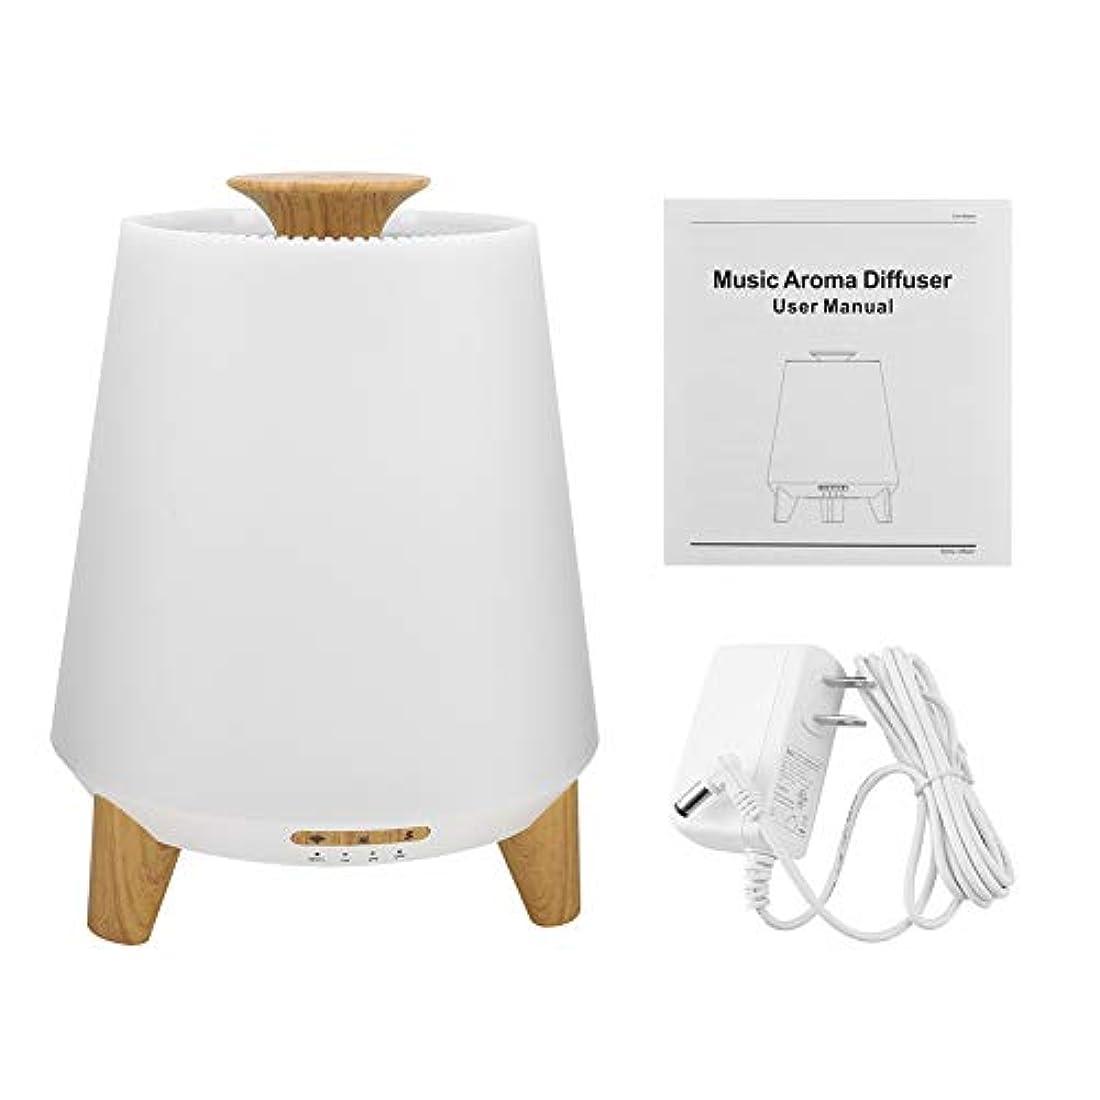 加湿器 アロマディフューザー 音楽プレーヤー 3 in 1 7色LEDライト クールミスト WIFI スマート 超音波 アロマ エッセンシャルオイル 互換性用 300ml(#1)